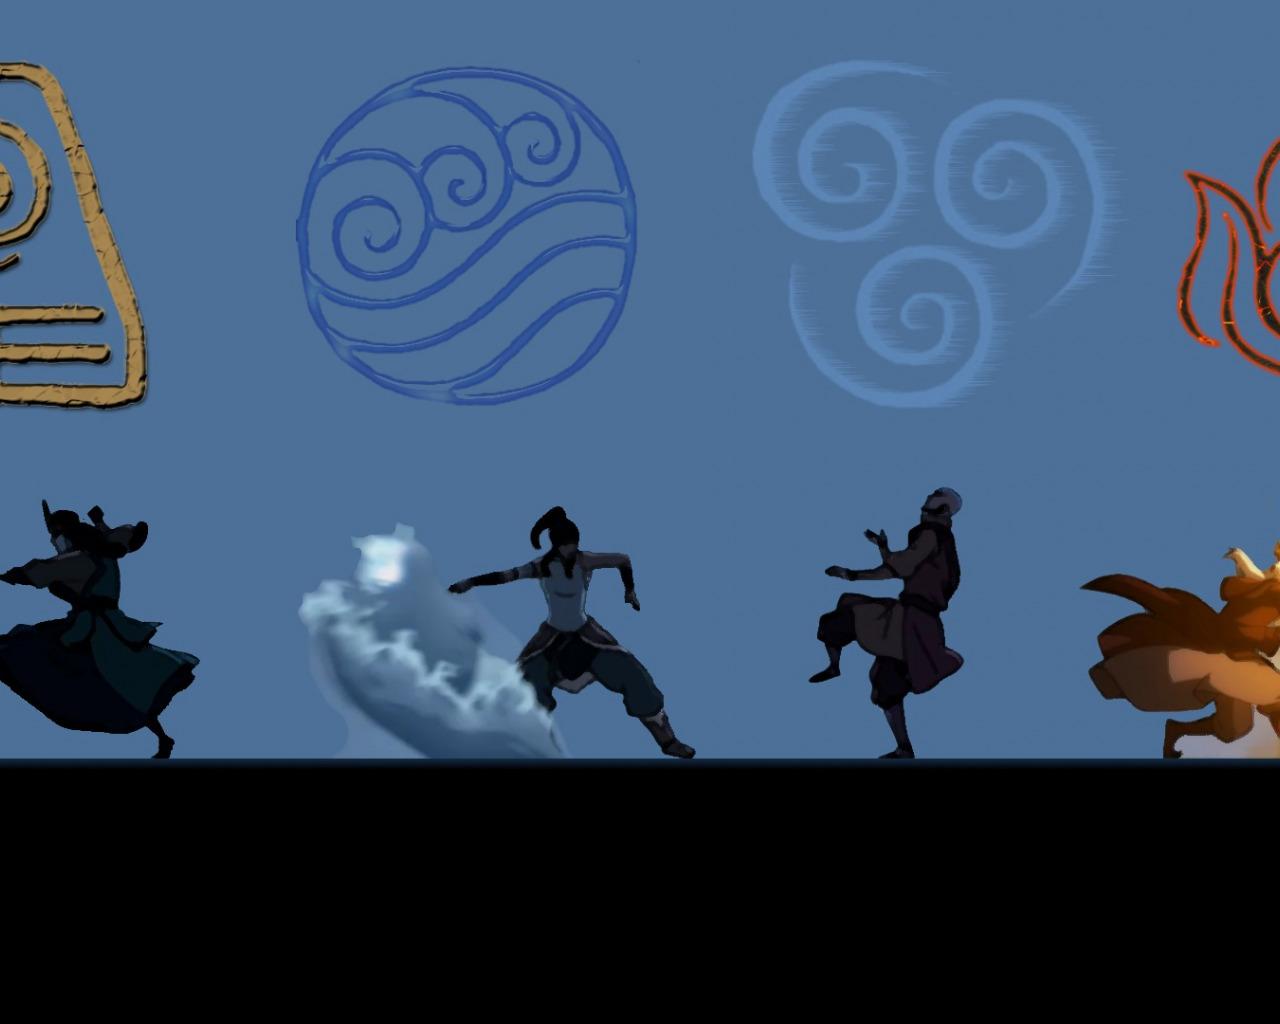 Обои Вода, корра, kyoshi, ..., воздух, Року, the legend of korra, земля, Киоши. Фильмы foto 8